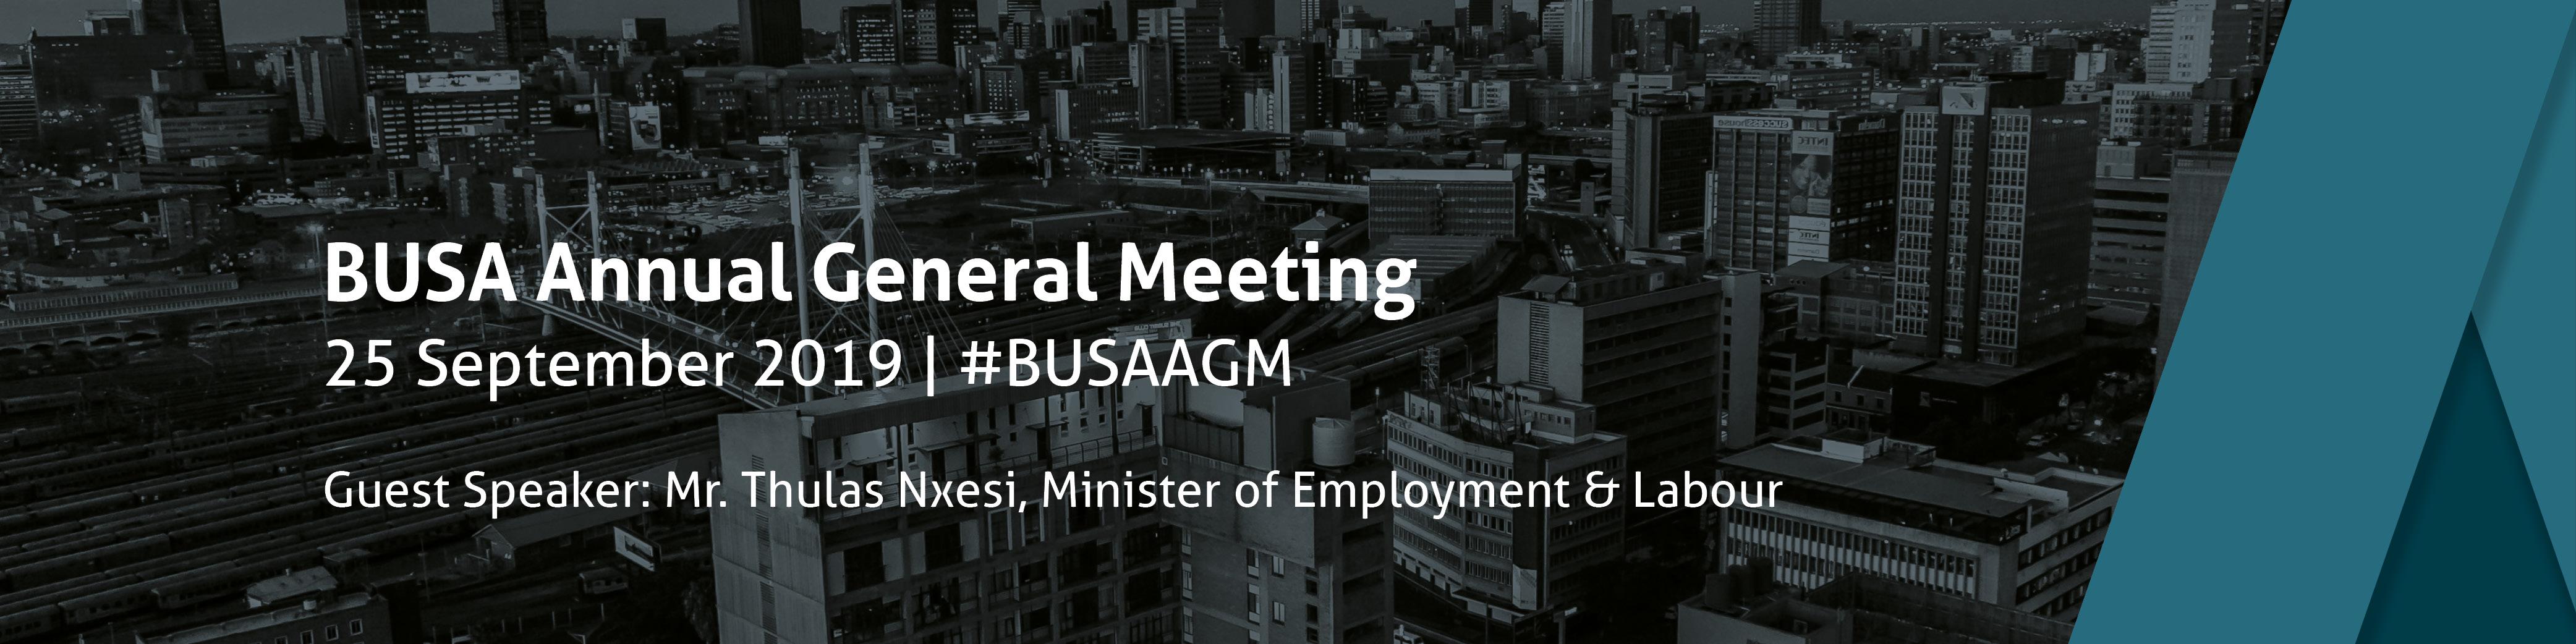 Busa-AGM-Banner-1